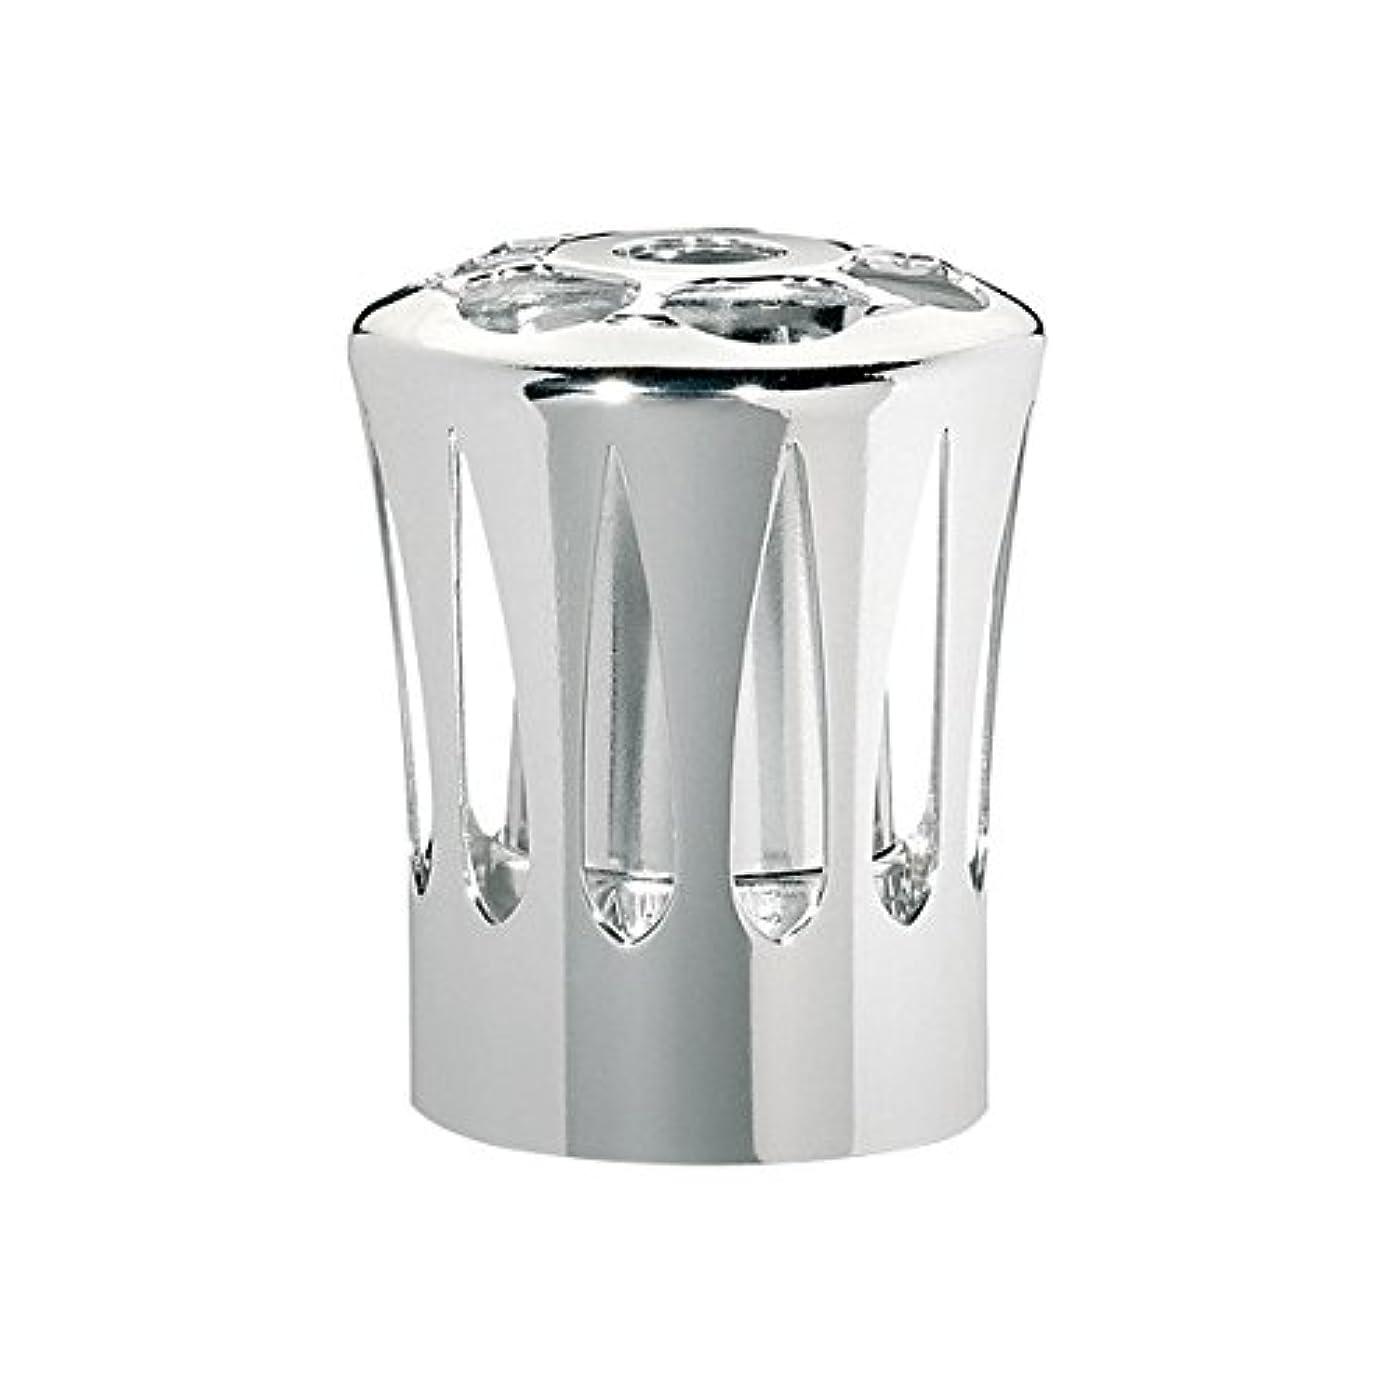 ねばねばアラビア語コンテンツランプベルジェ(LAMPE BERGER) 安全キャップ【正規輸入品】飾り蓋シルバー